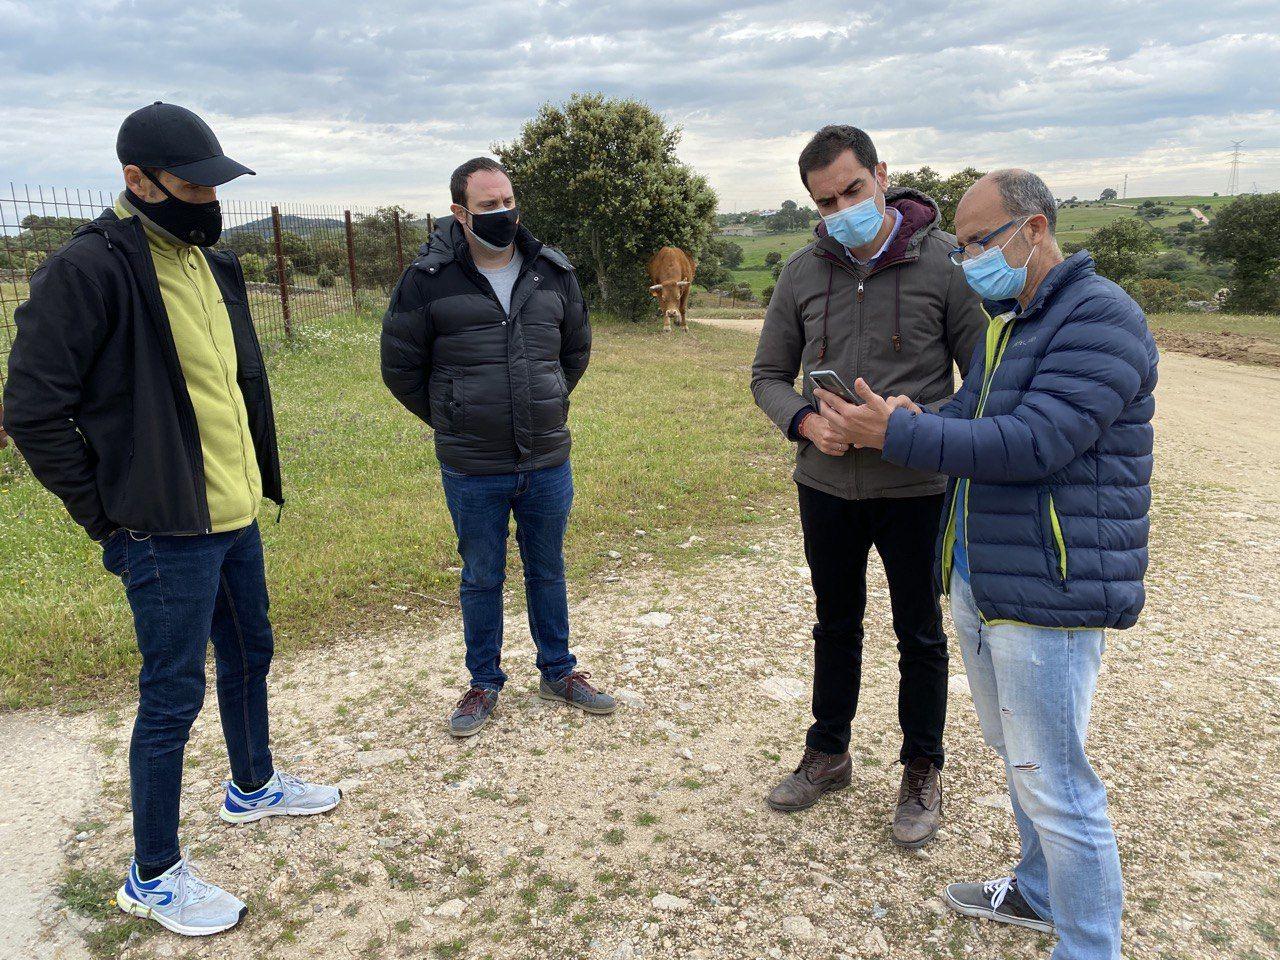 Comendador propone a la Diputación recuperar los caminos públicos de la provincia de Toledo ahora ocupados por propietarios de fincas